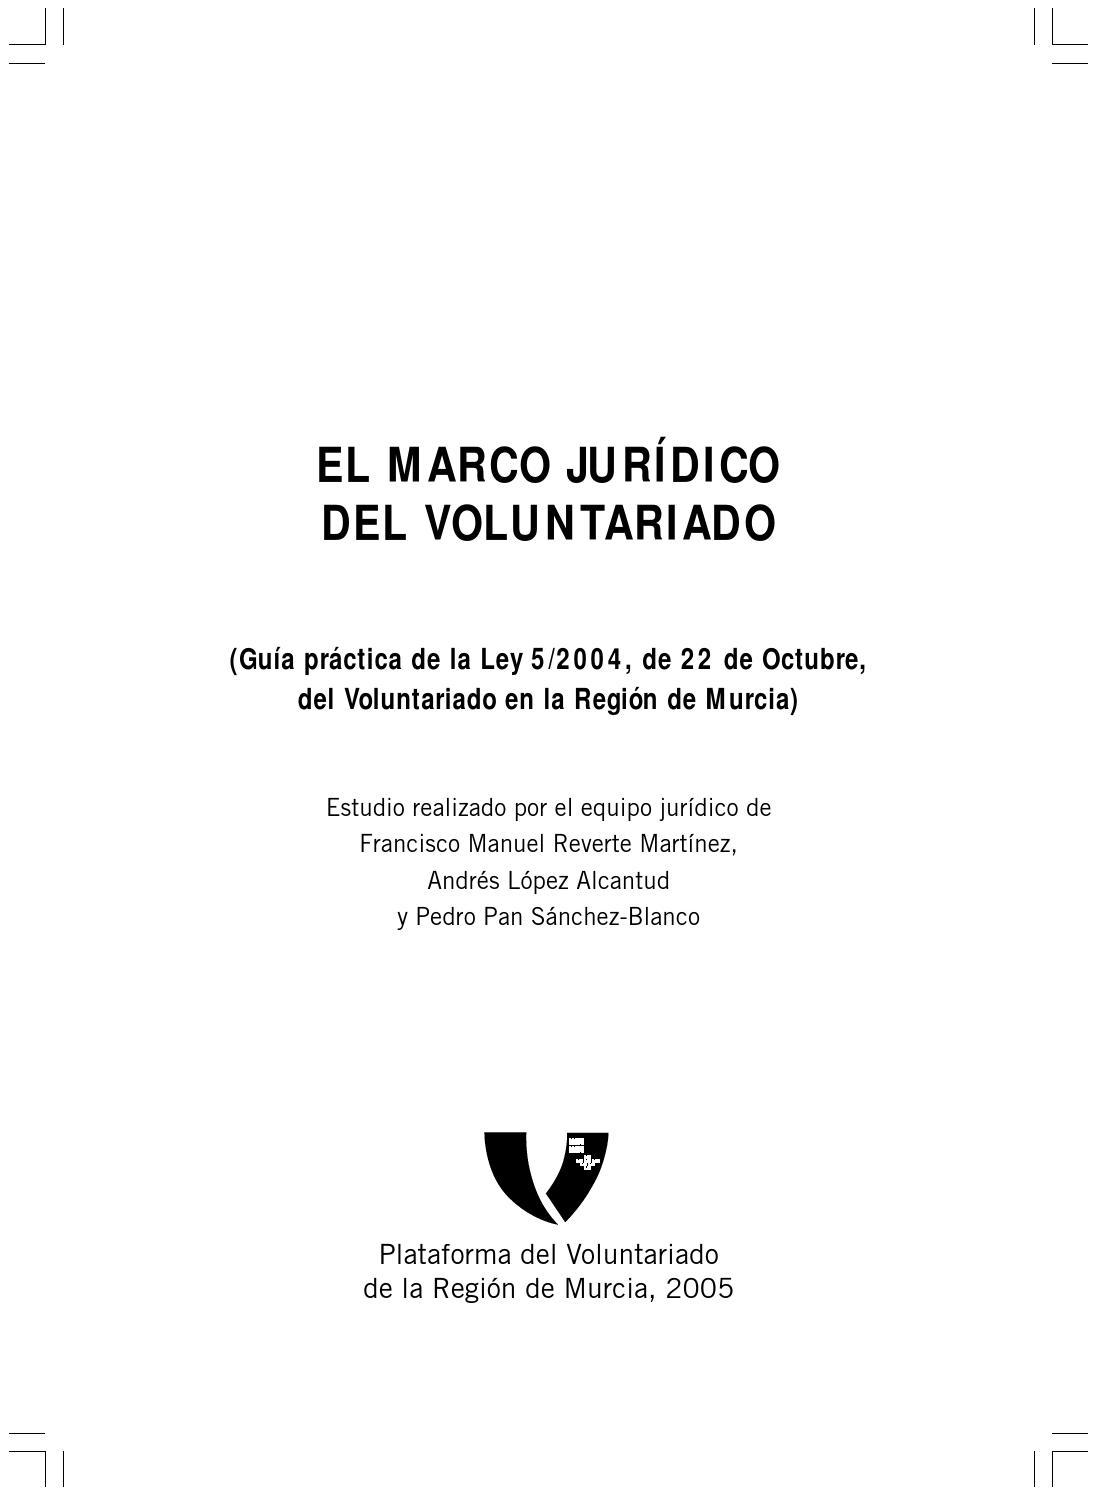 El marco jurídico del voluntariado by Integra y Participa - issuu